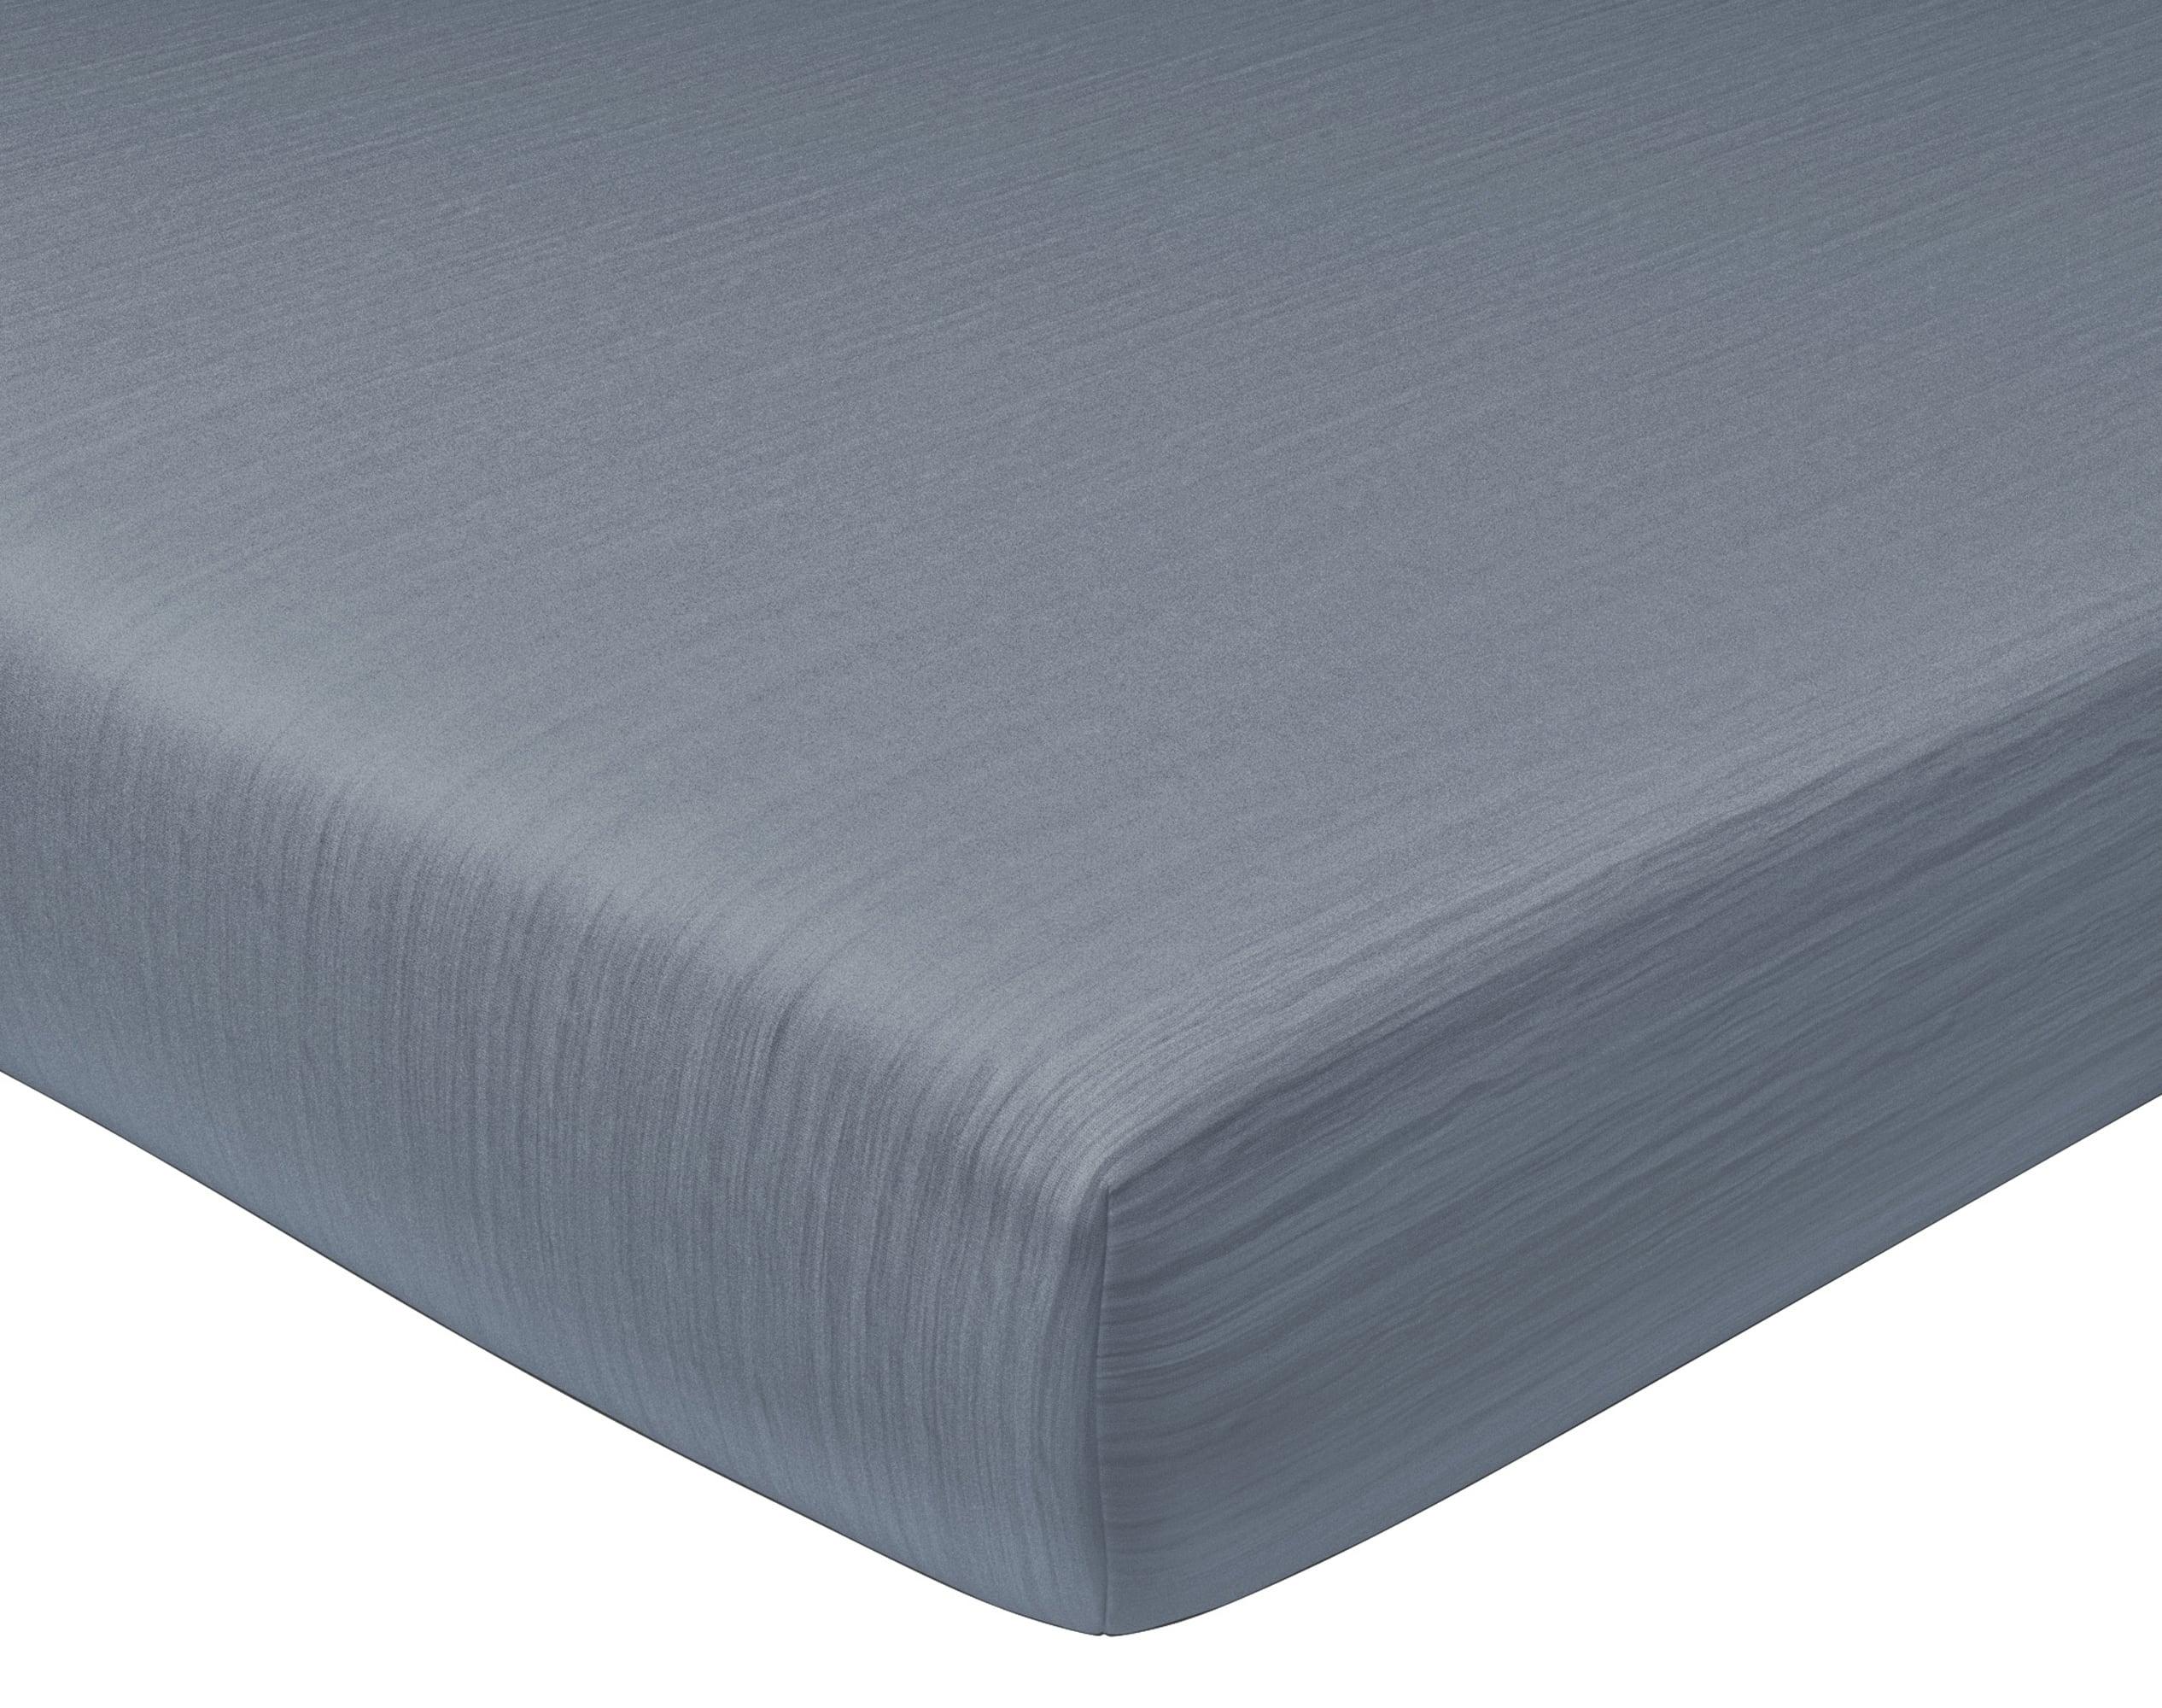 Drap-housse 140x190 en gaze de coton gris anthracite